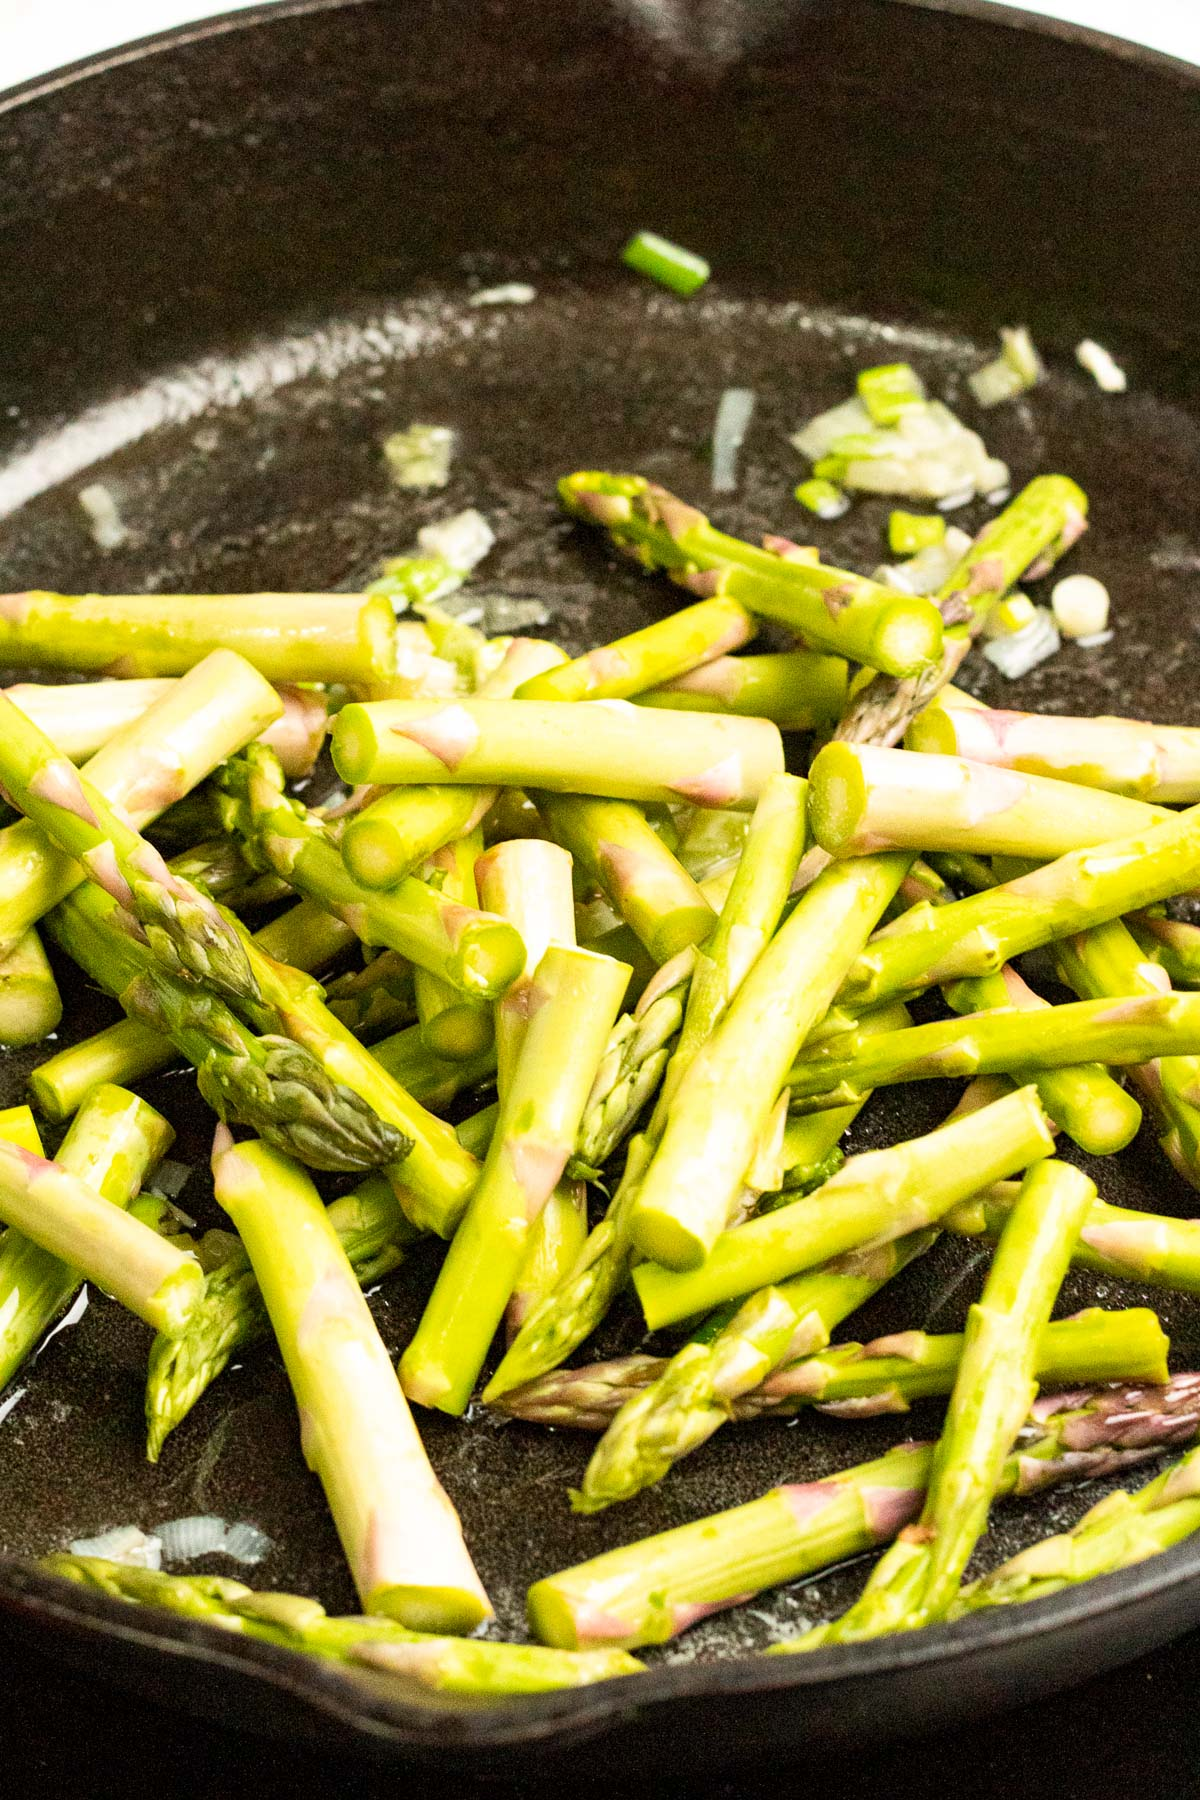 Sautéing asparagus in a pan.